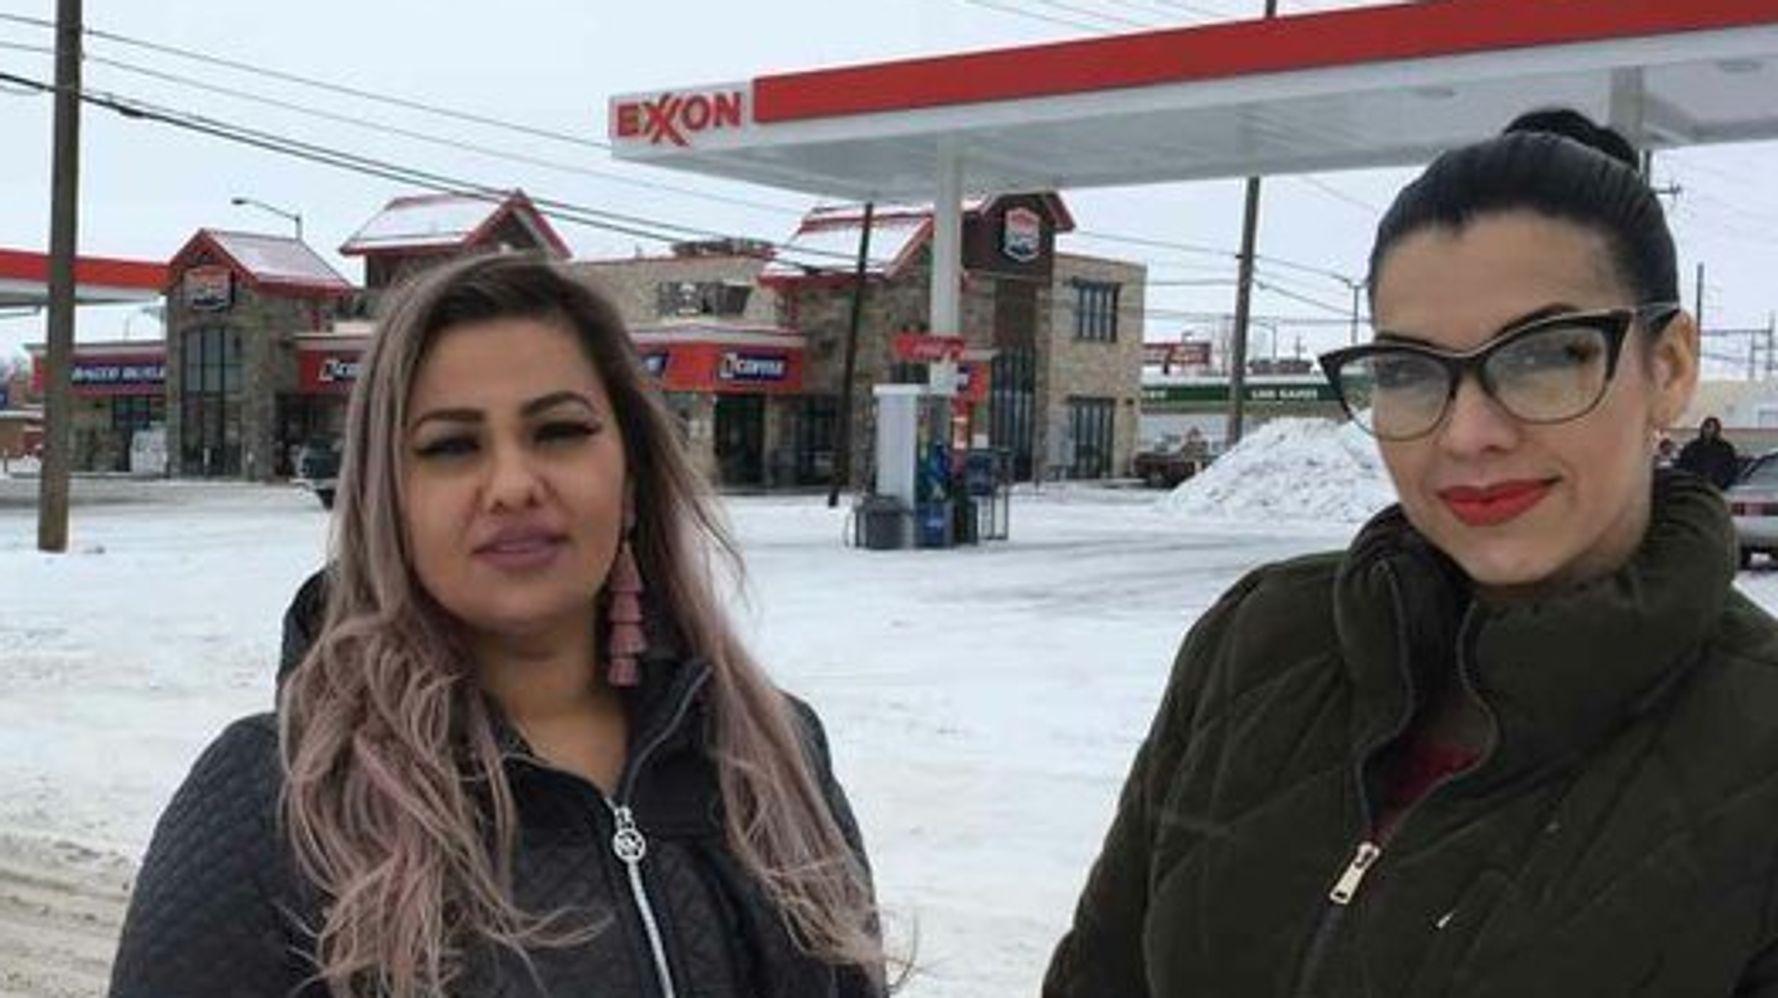 2 Women Detained For Speaking Spanish In Montana Settle Border Patrol Lawsuit